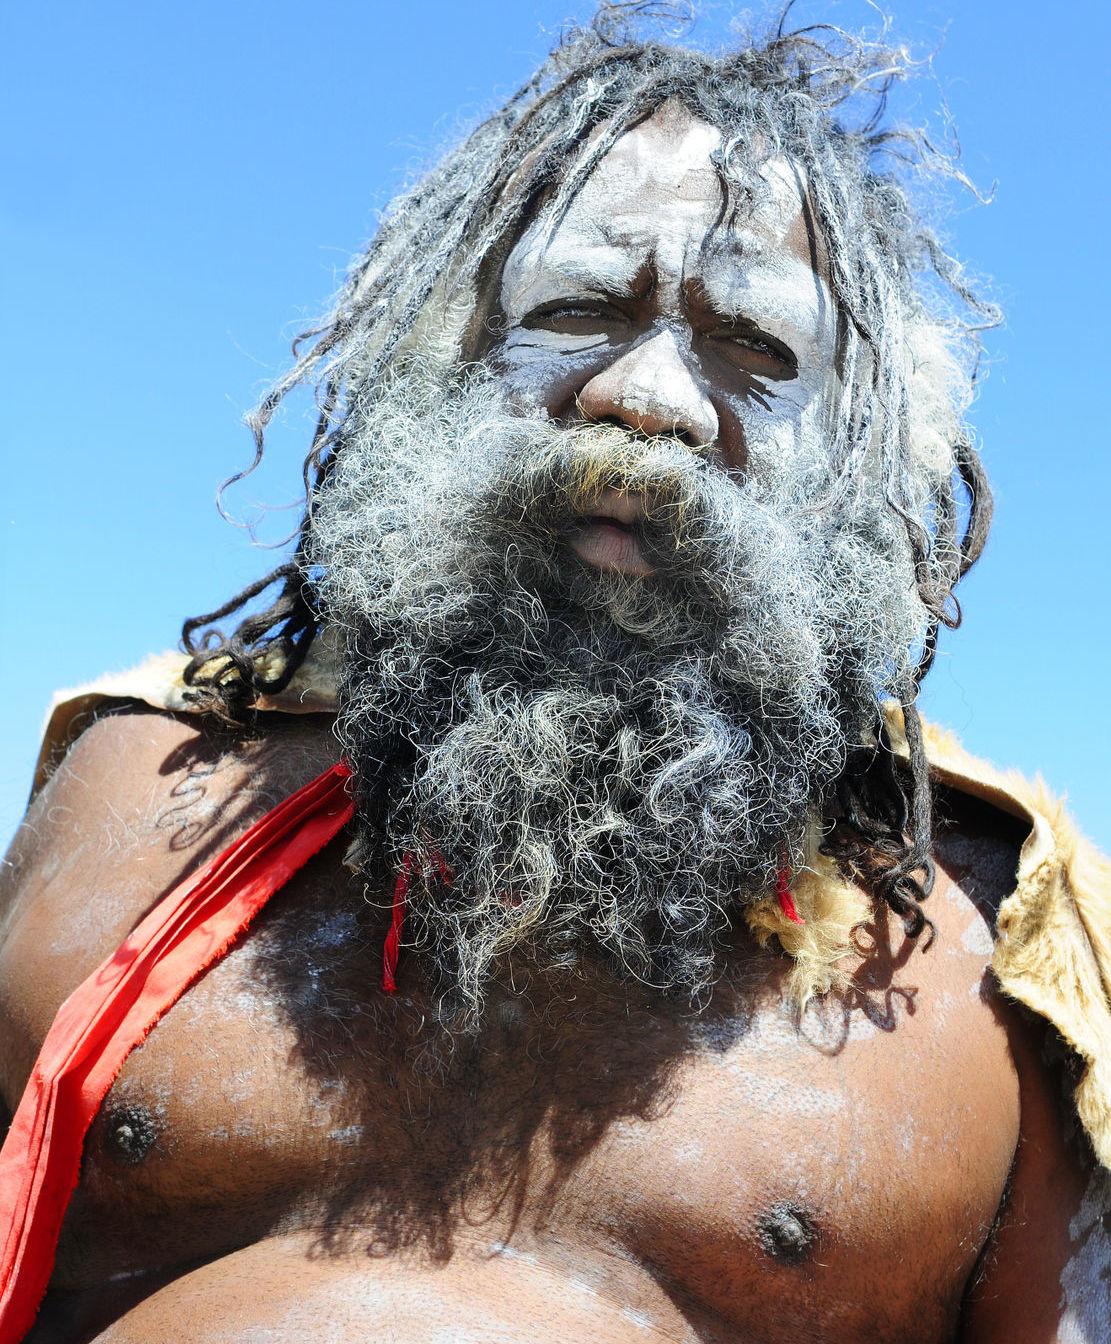 Aborigéni sú skutočne praobyvateľmi Austrálie, no zatiaľ nie je jasné, prečo kontinent nekolonizovali Indovia alebo Polynézania.